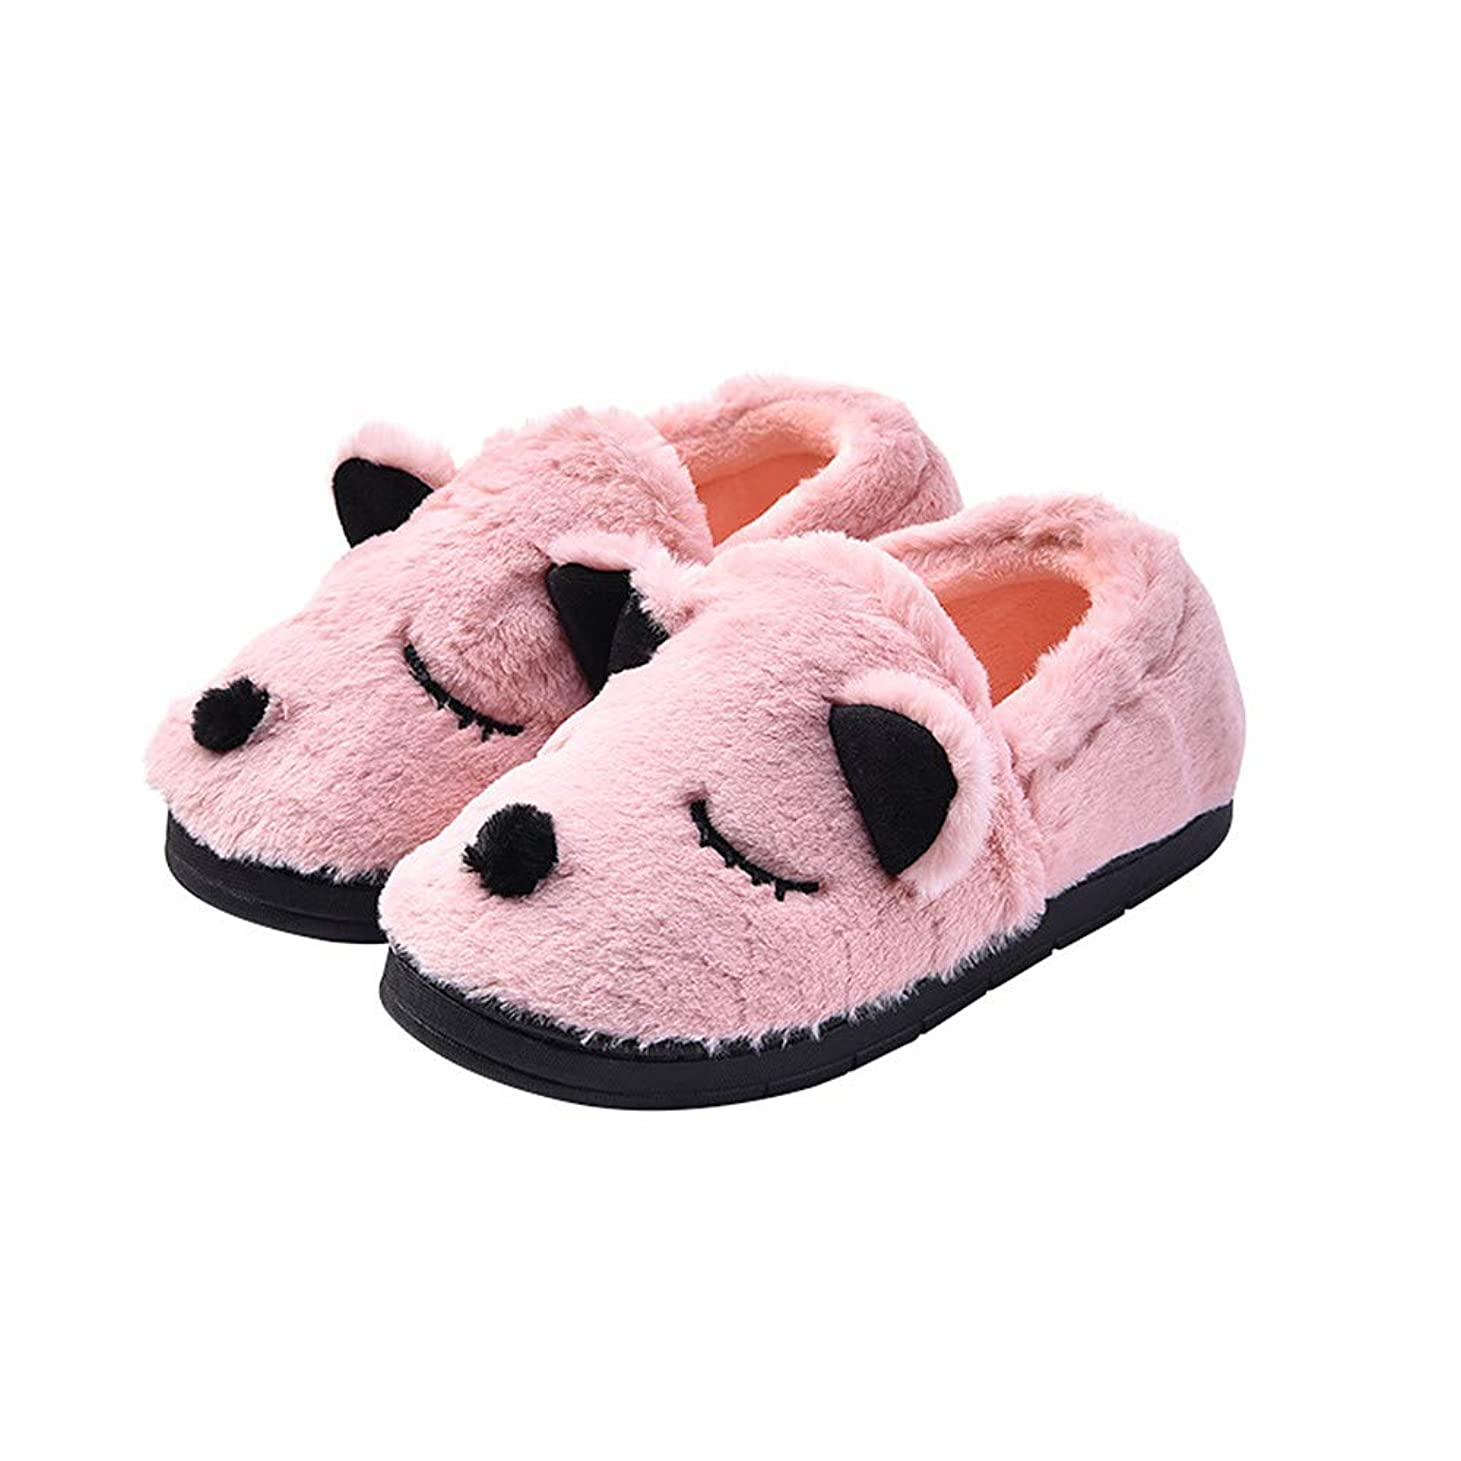 パリティ適合しましたやむを得ない[サマーショップ] コットン スリッパ レディース ルームシューズ 室内履き 靴 冬のコットンスリッパ 防寒 可愛い 女性の靴 滑り止め 暖か 厚底